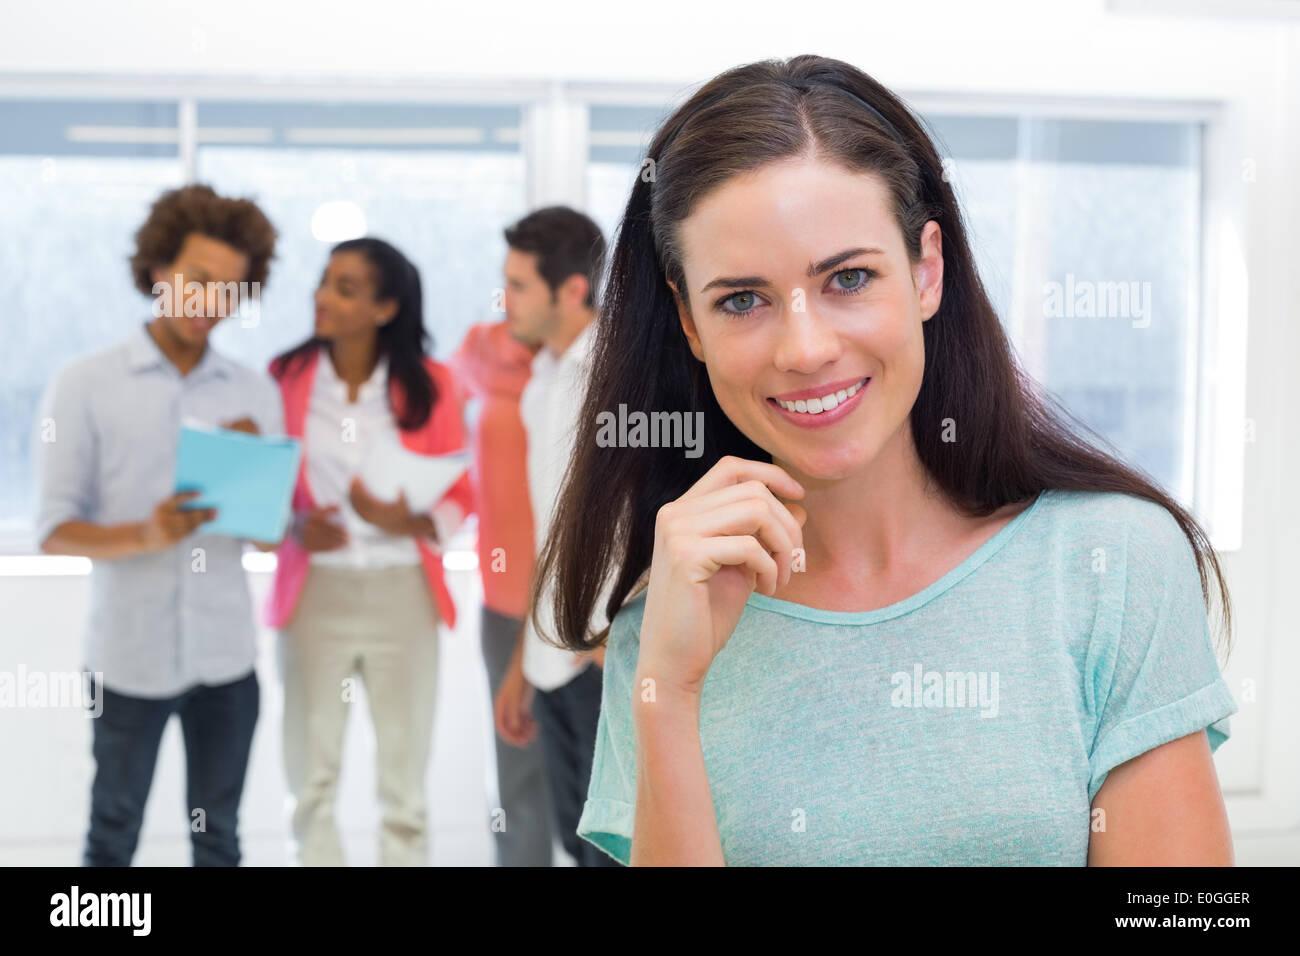 Lässige Geschäftsfrau lächelnd in die Kamera Stockbild